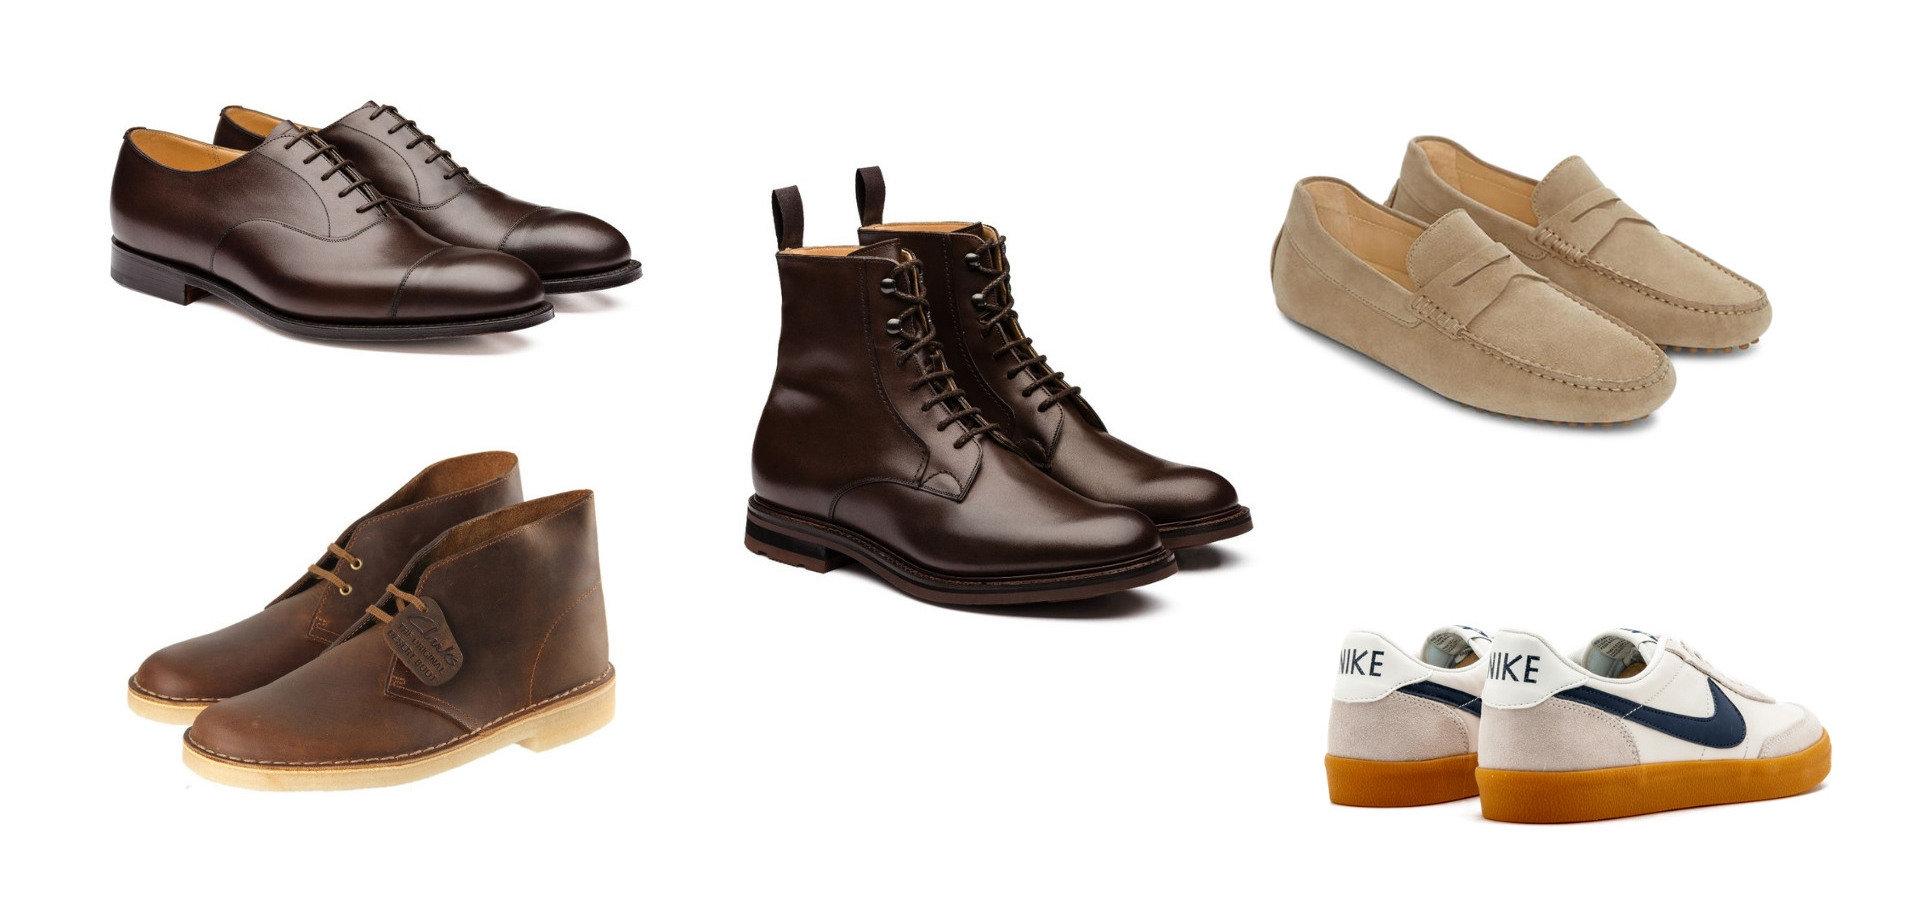 Minimalist shoe collection - basic bastard